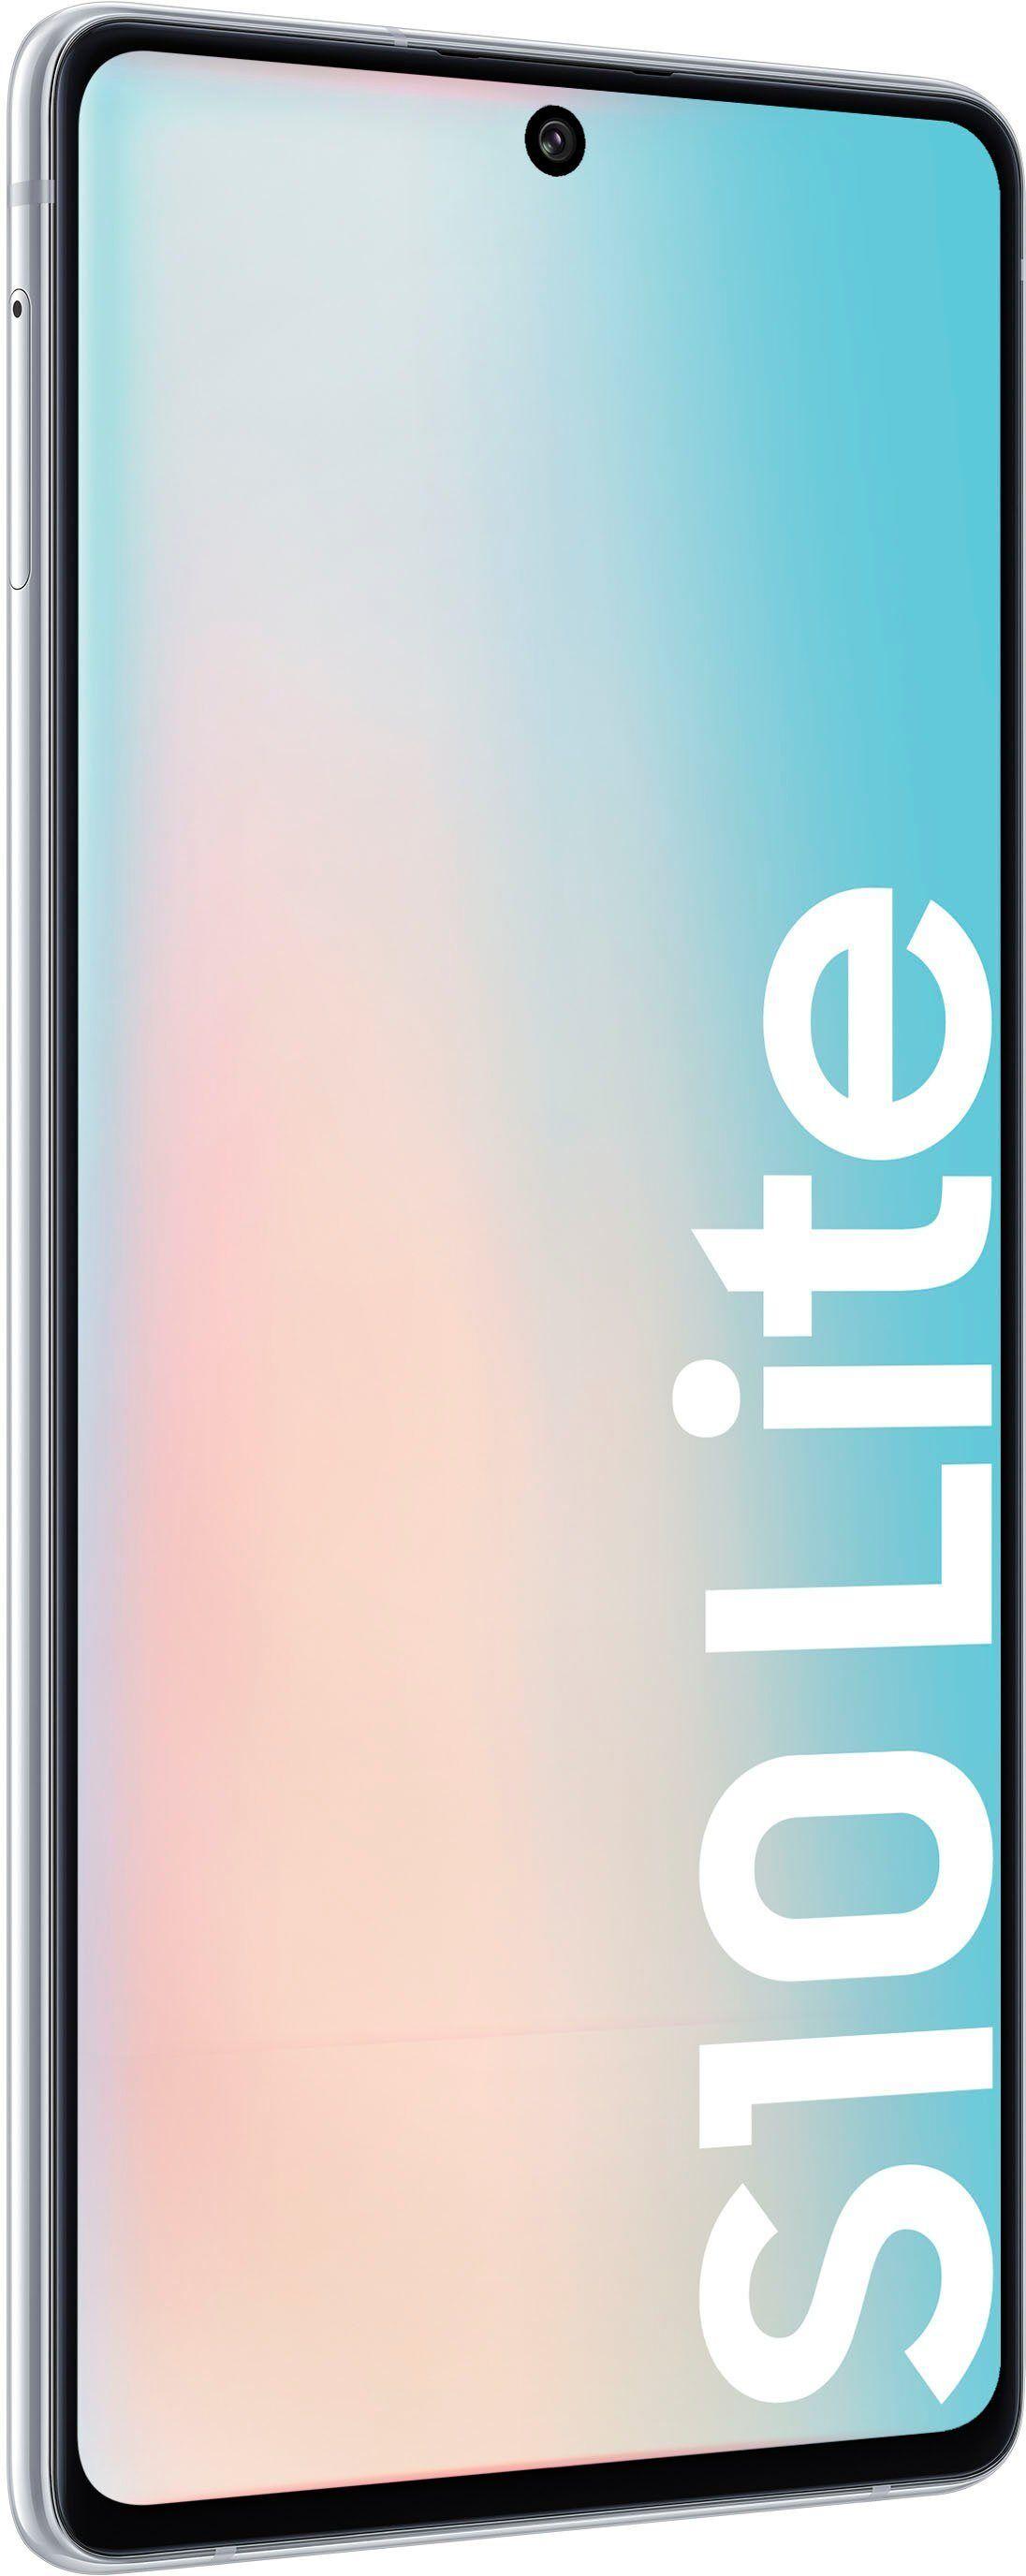 Samsung Galaxy S10 Lite Smartphone (16,95 cm/6,7 Zoll, 128 GB Speicherplatz, 48 MP Kamera), prism white